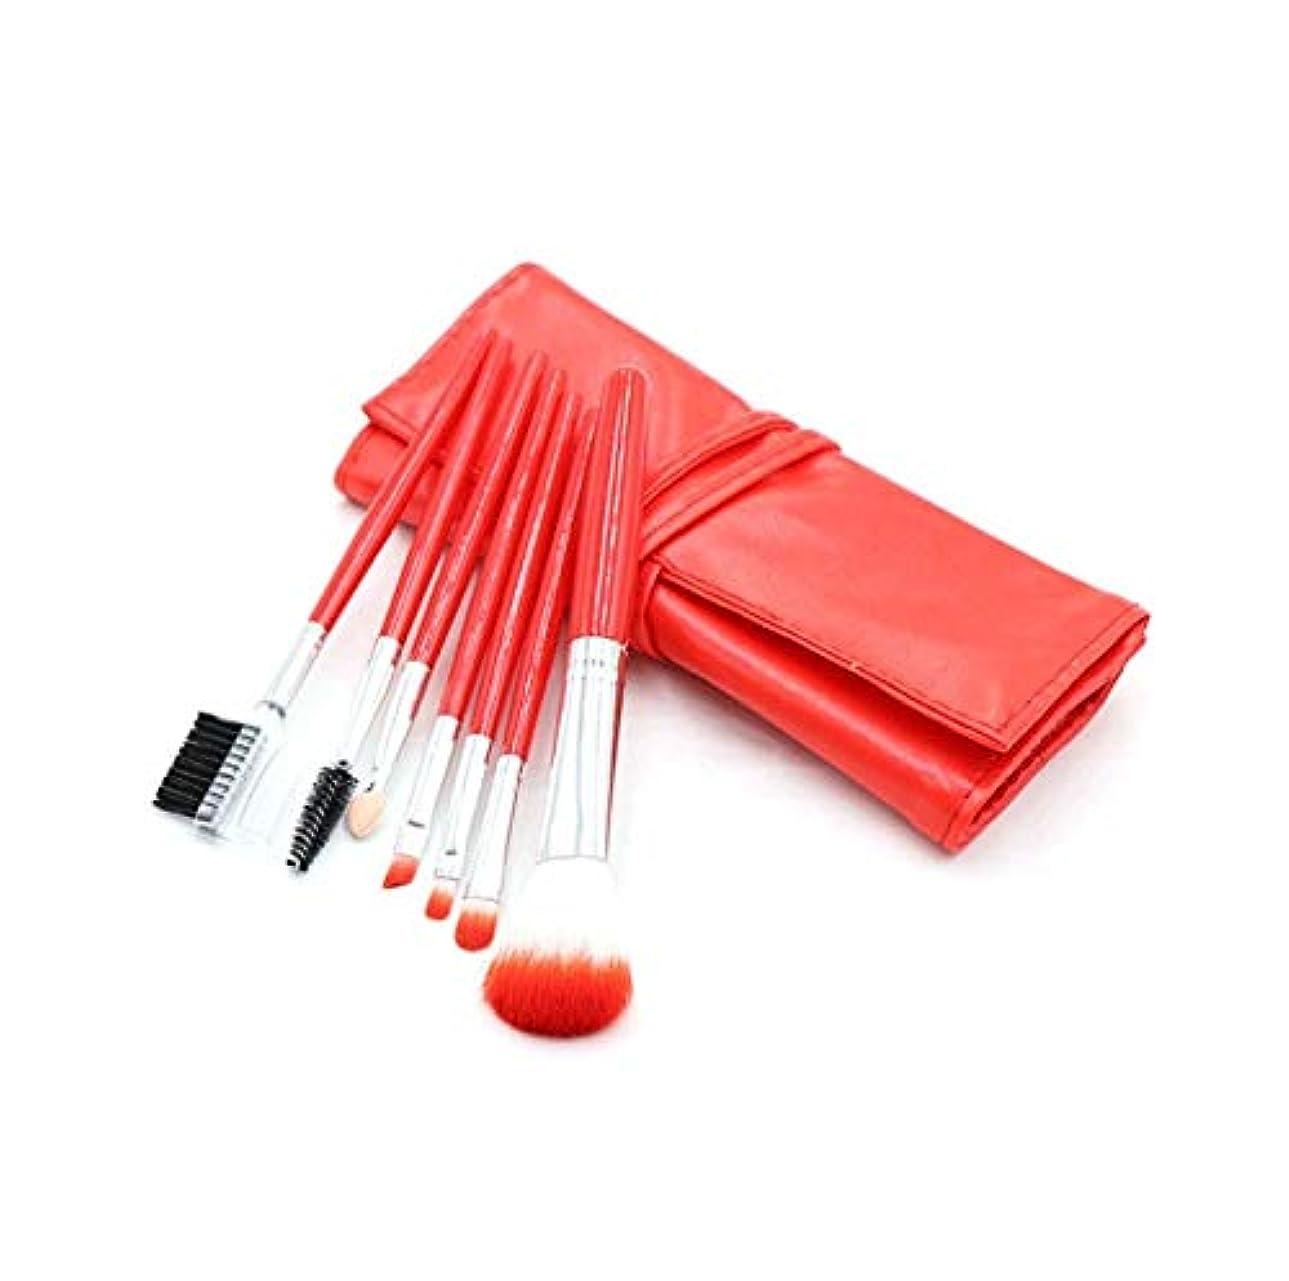 宿題をする預言者プレフィックス化粧ブラシセット、赤7化粧ブラシ化粧ブラシセットアイシャドウブラシリップブラシ美容化粧道具